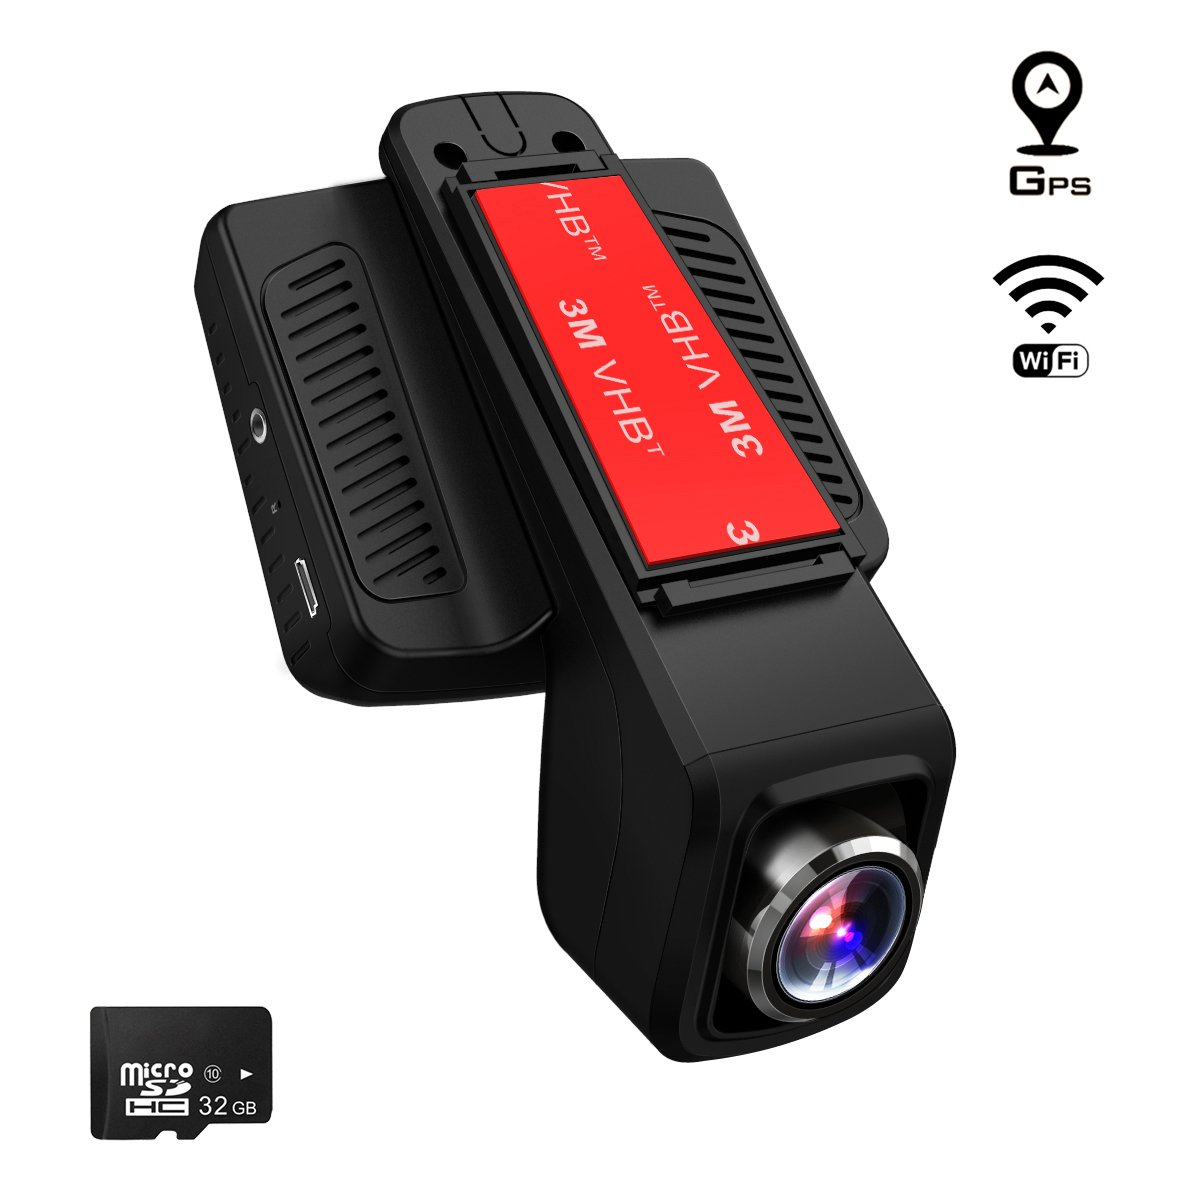 TOGUARD Caméra de Voiture GPS WiFi Grand Angle de 170° Caméra Embarquée Full HD 1080P, Dashcam Voiture Avec Objectif Réglable Écran 2.45 Pouces IPS LCD, Enregistrement En Boucle,Détection de Mouvement CE20G